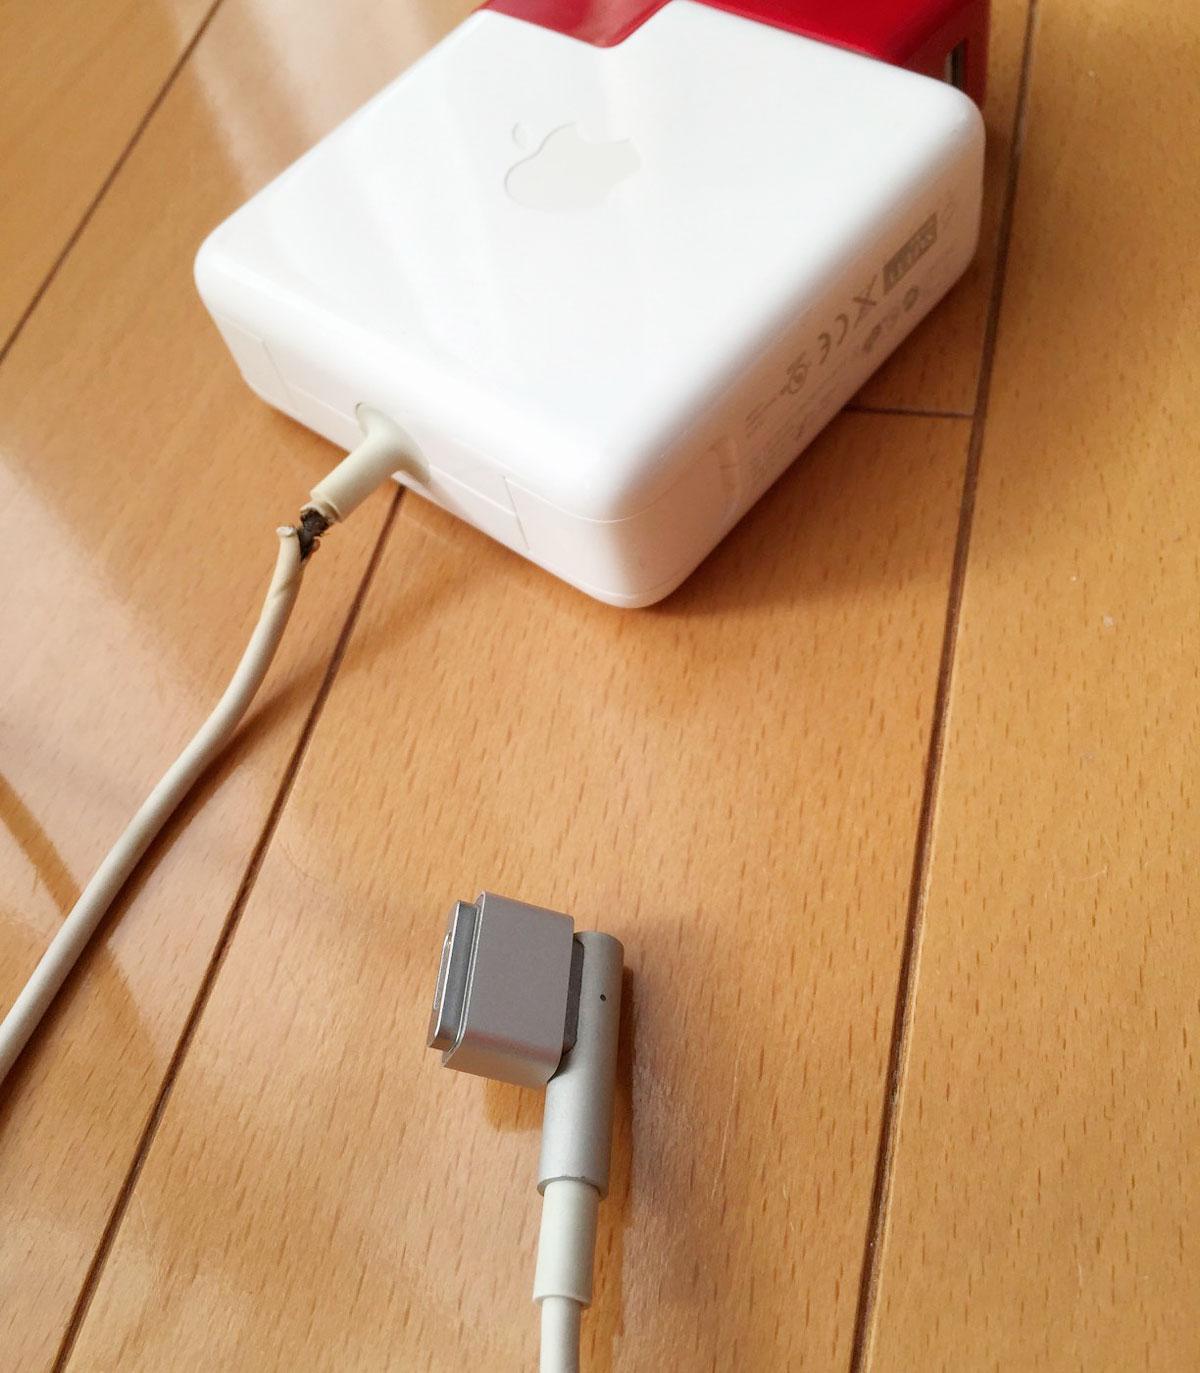 MacBook Pro ACアダプタは古いものをメインで利用していた